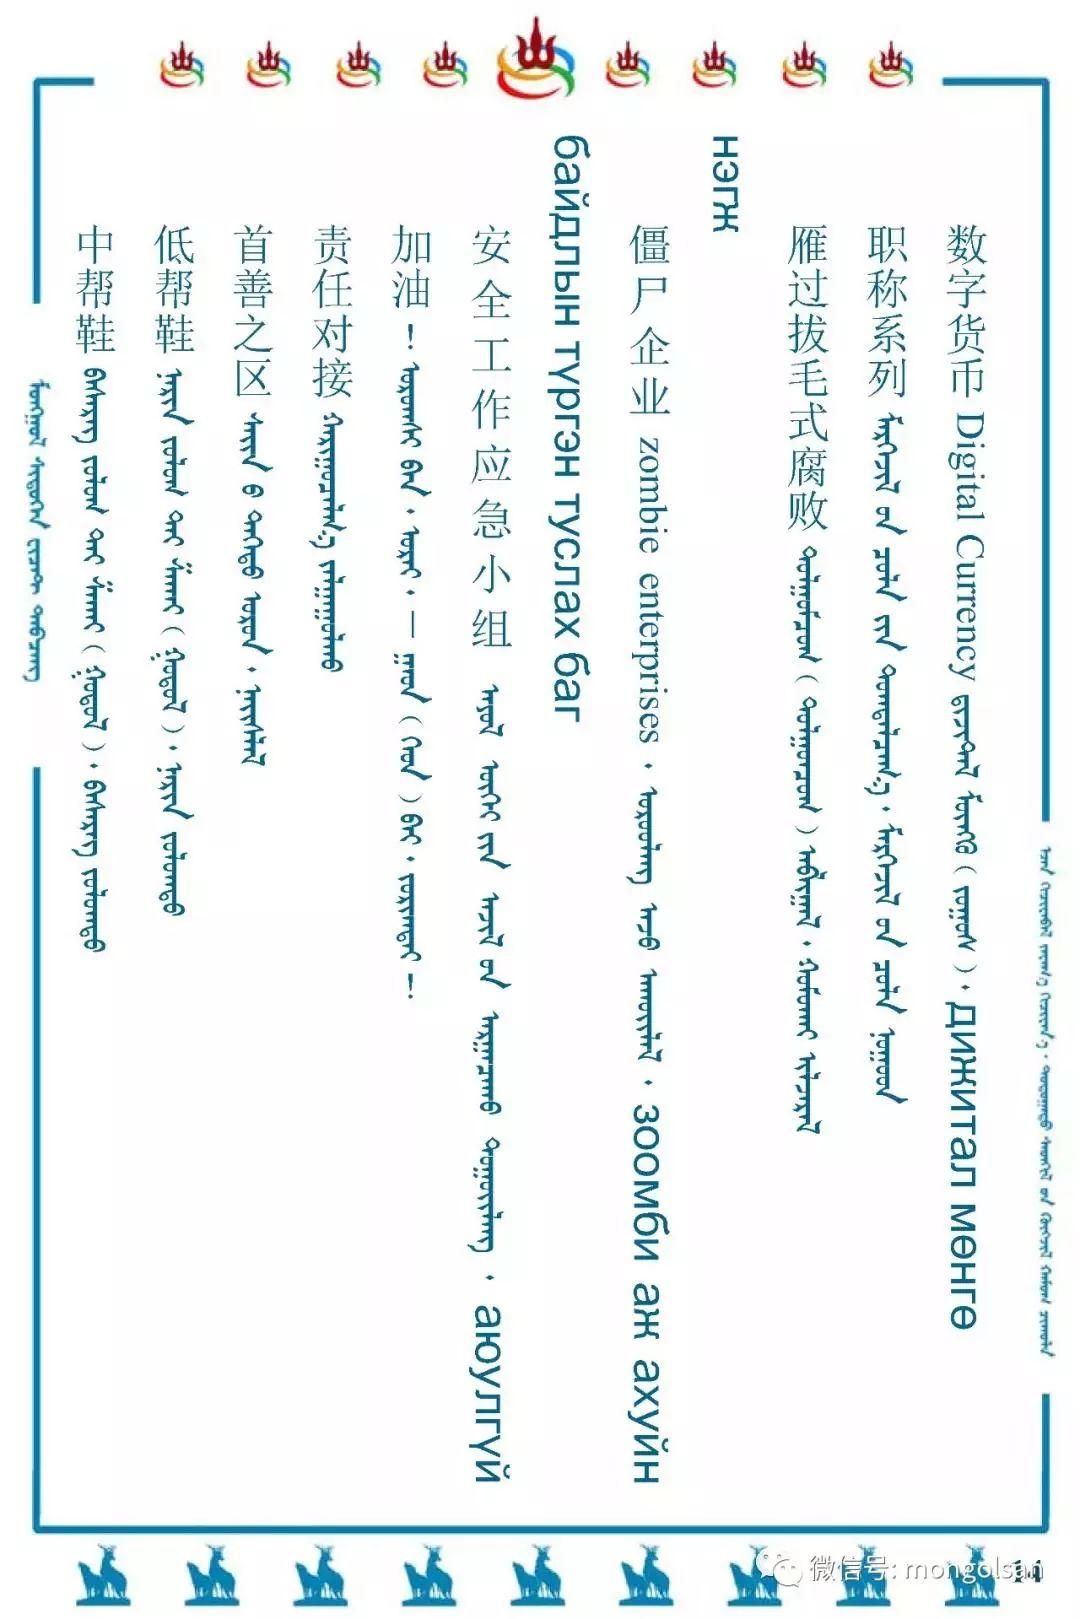 最新名词蒙古语翻译参考 第14张